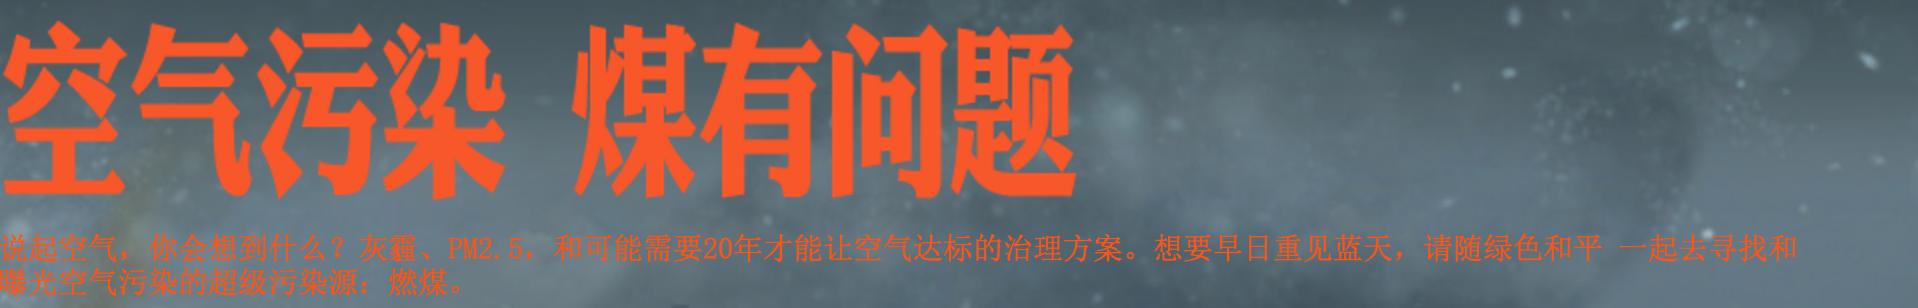 绿色和平GP banner